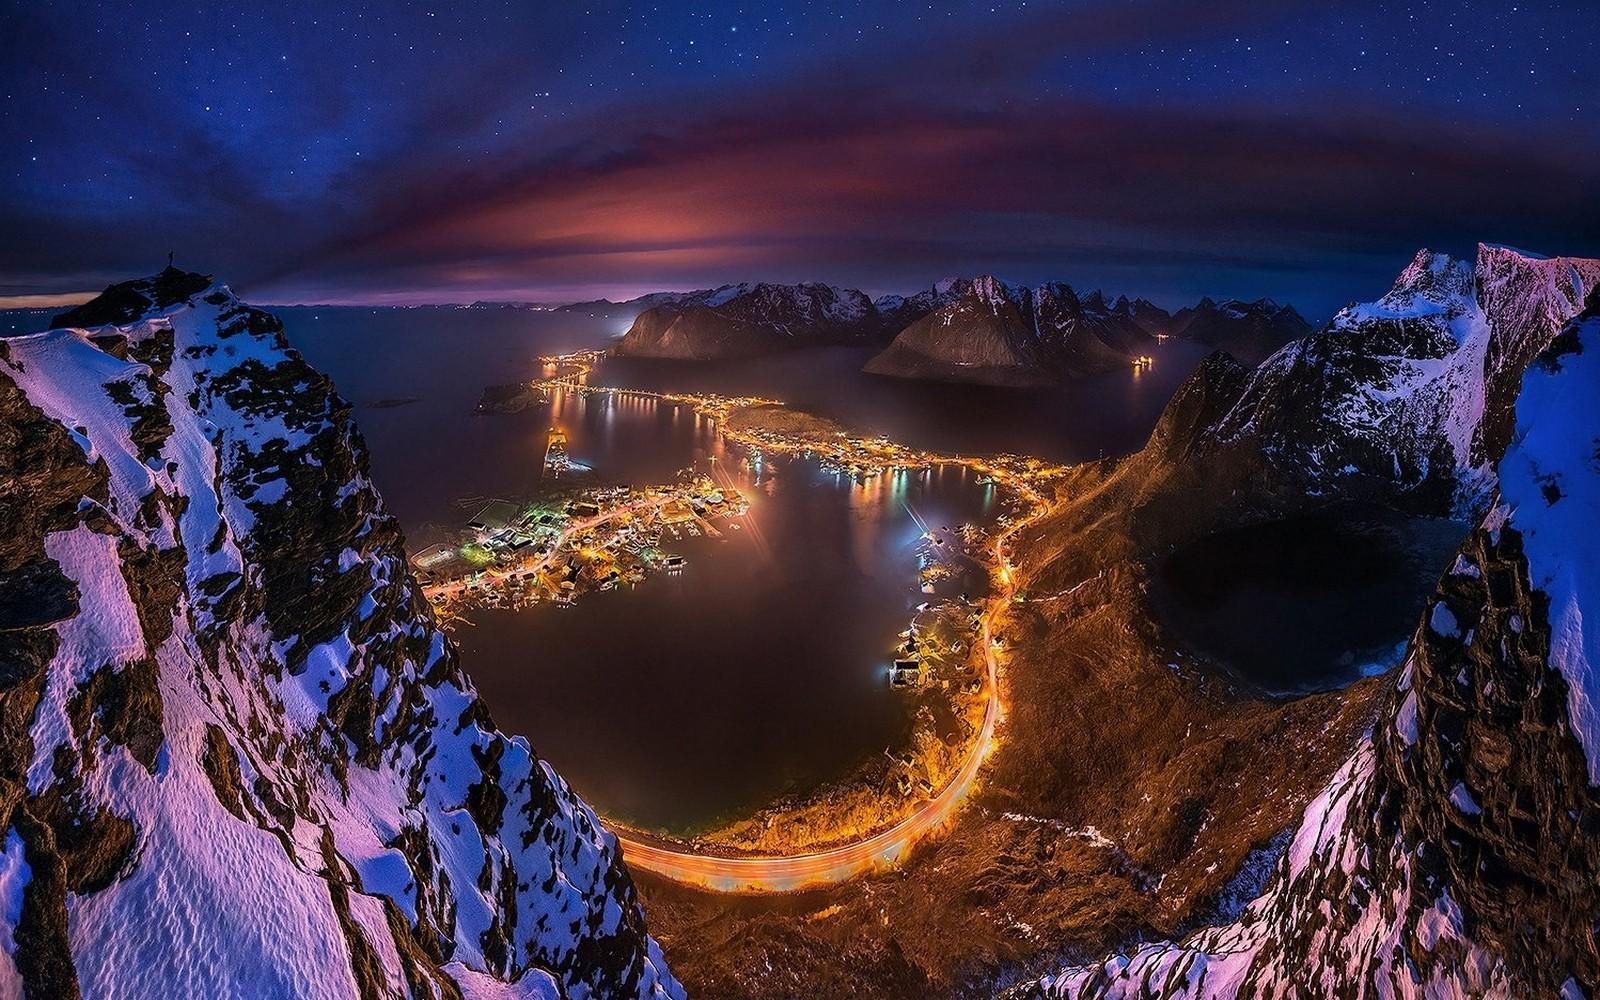 Hintergrundbilder : Landschaft, Beleuchtung, Meer, Stadtbild, Bucht ...